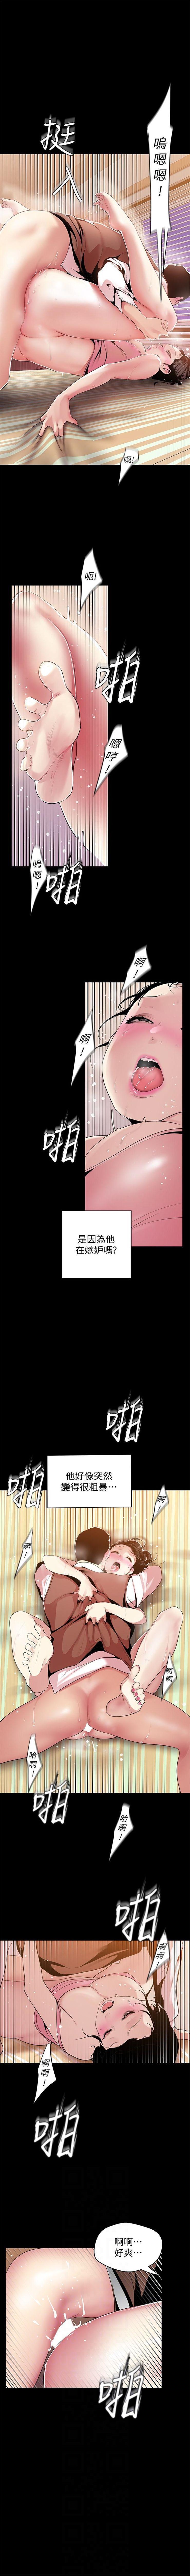 (週1)美麗新世界 1-76 中文翻譯 (更新中) 371